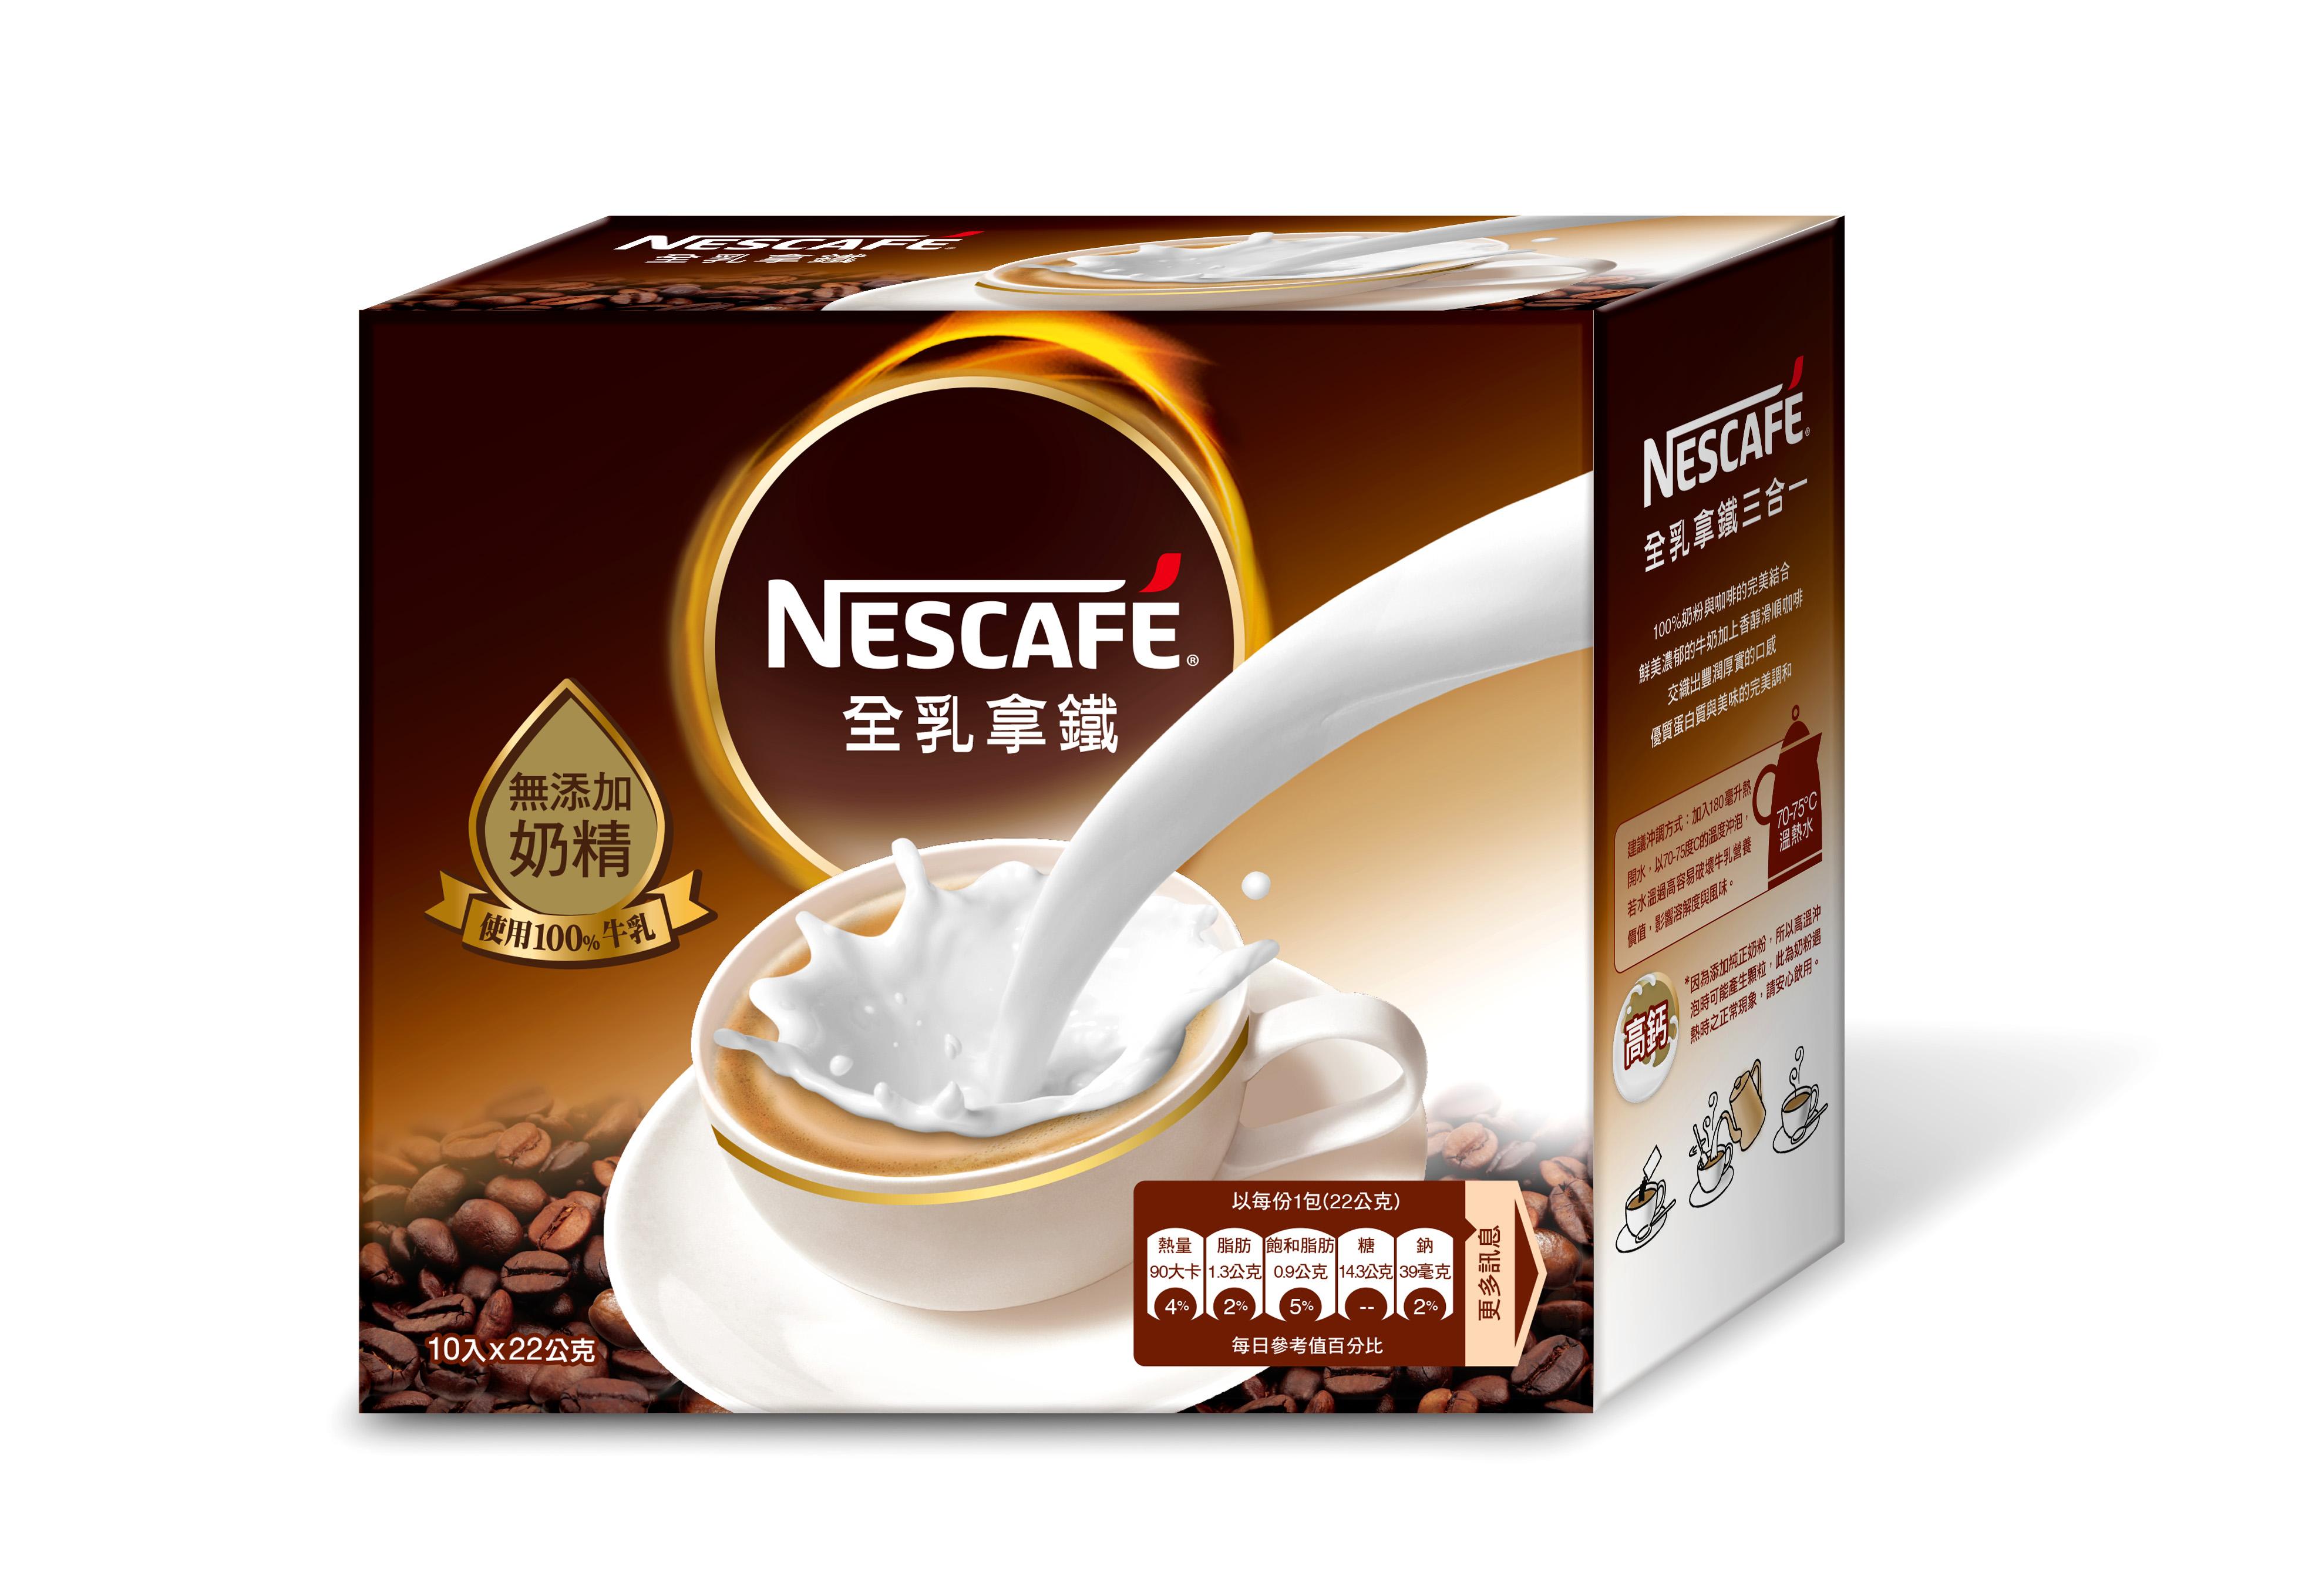 雀巢咖啡三合一館藏系列全乳拿鐵22gx10入